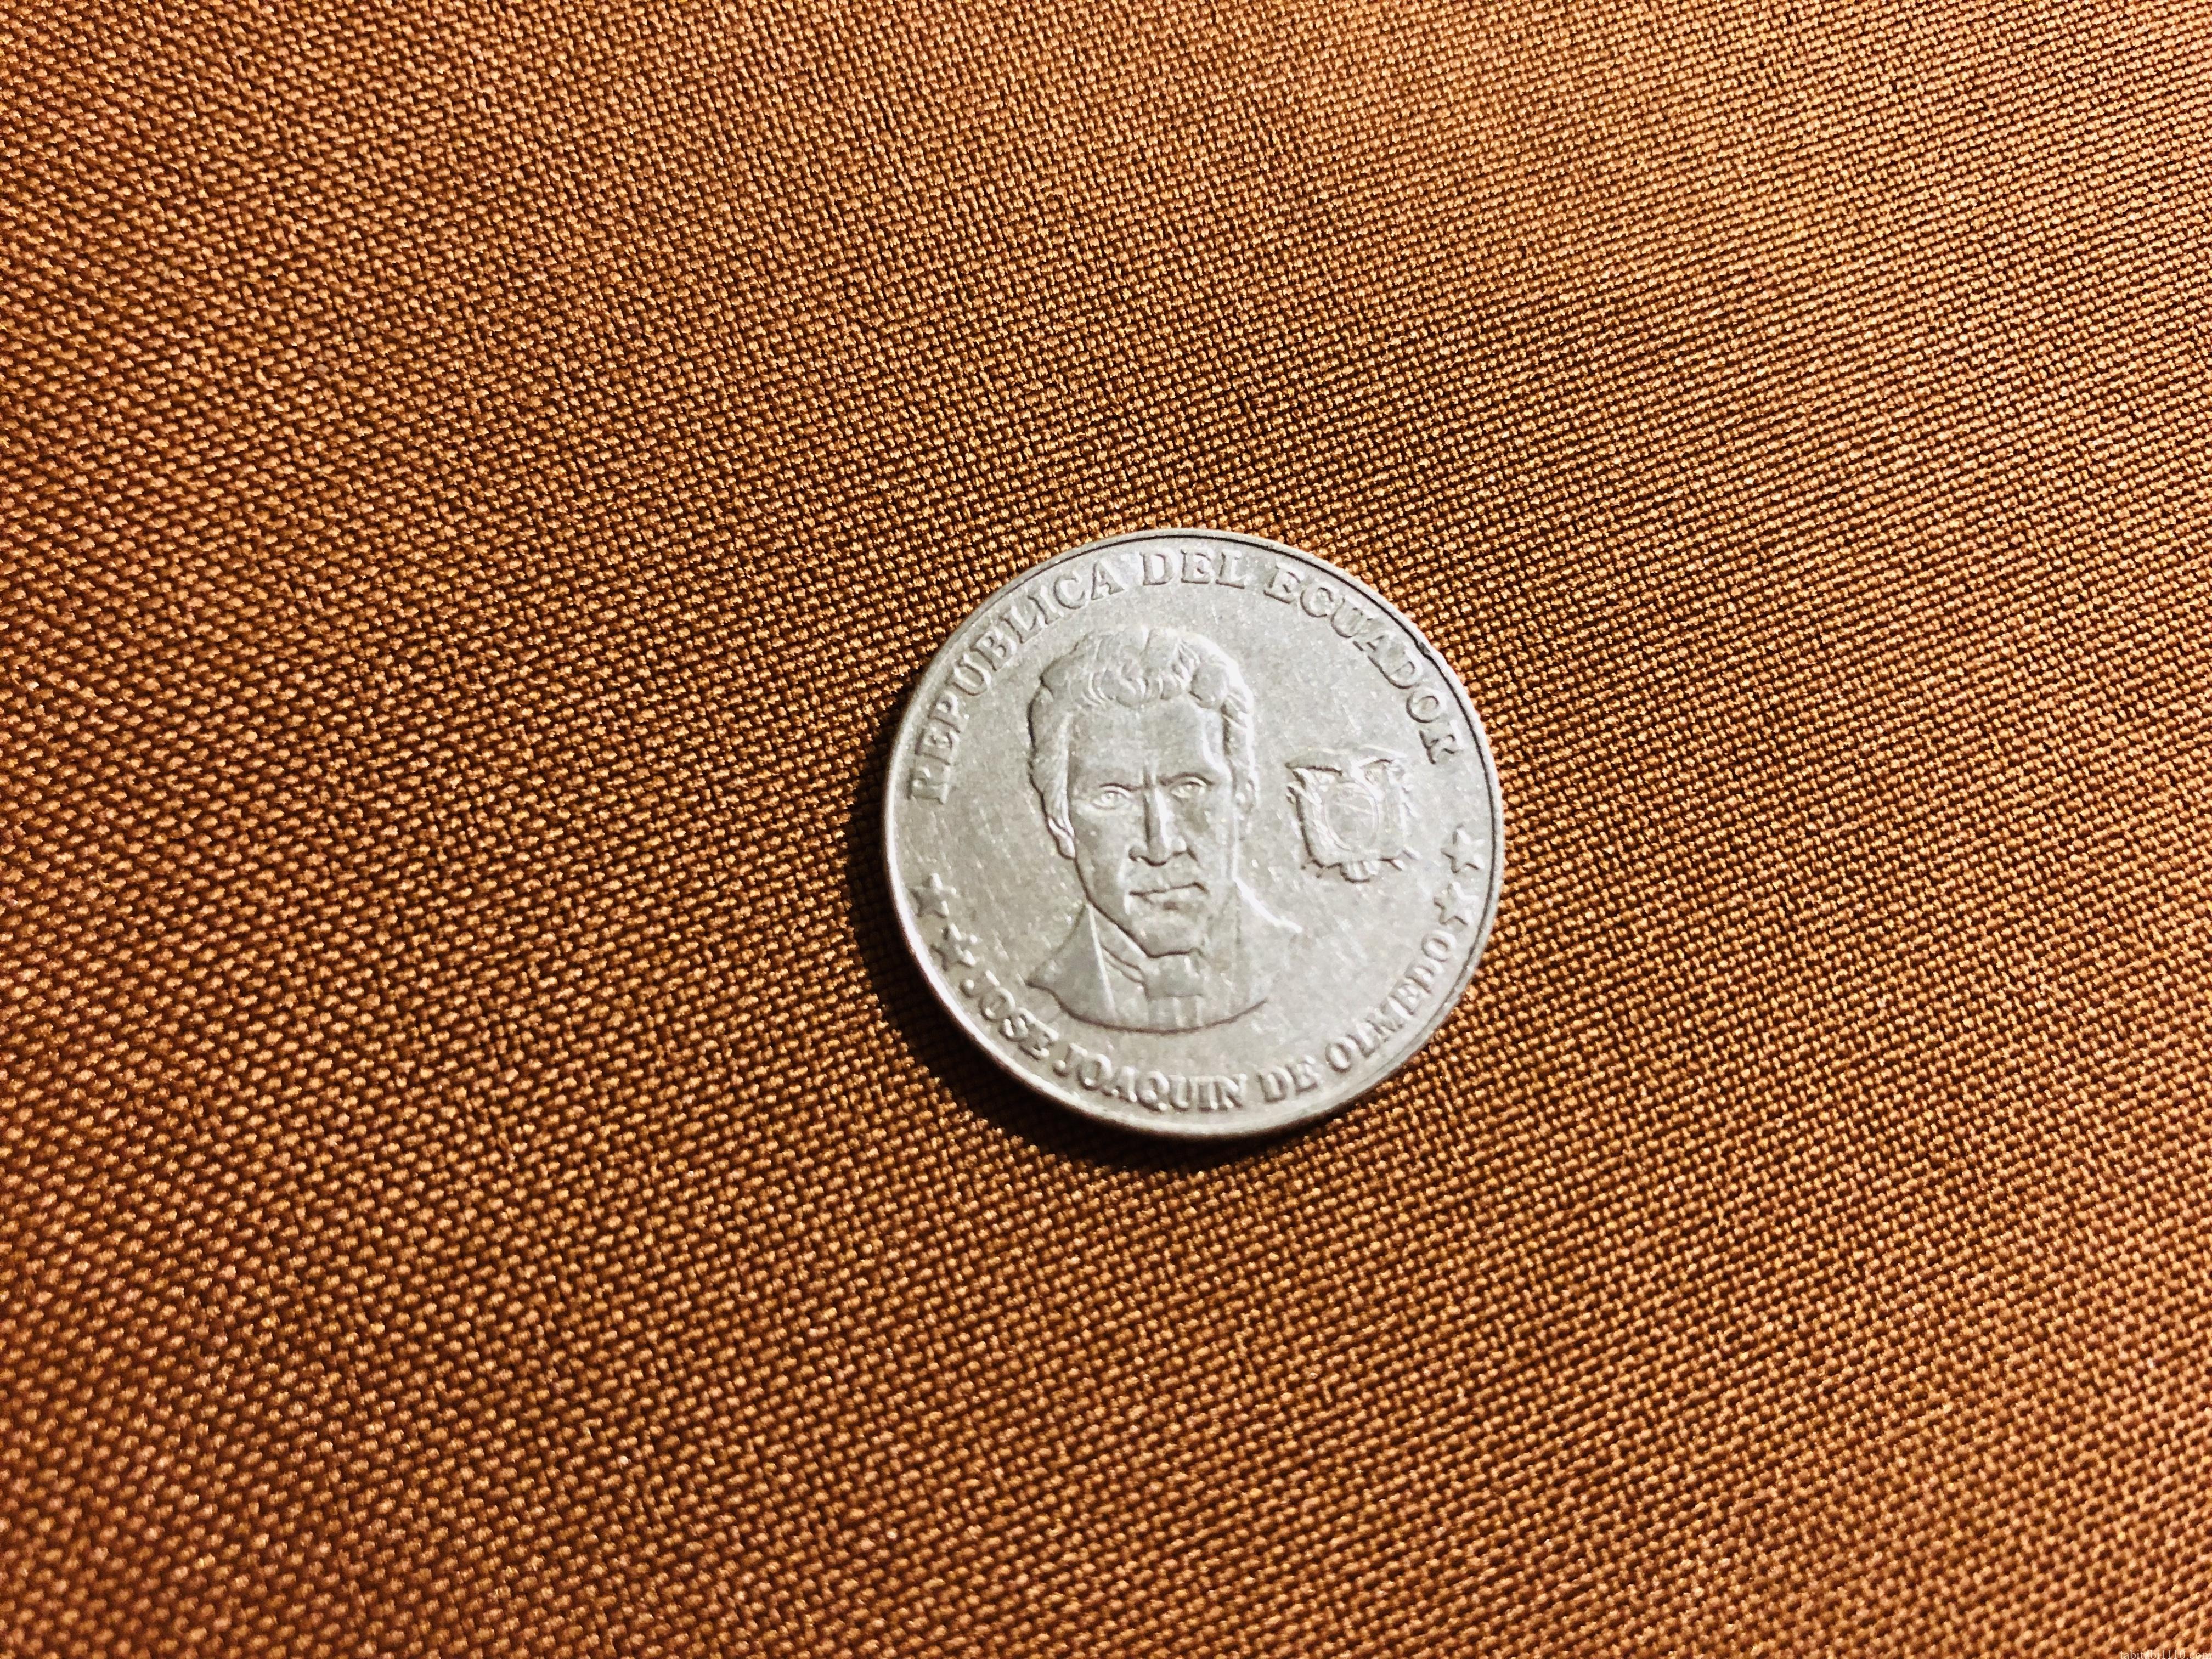 エクアドルのドルコイン